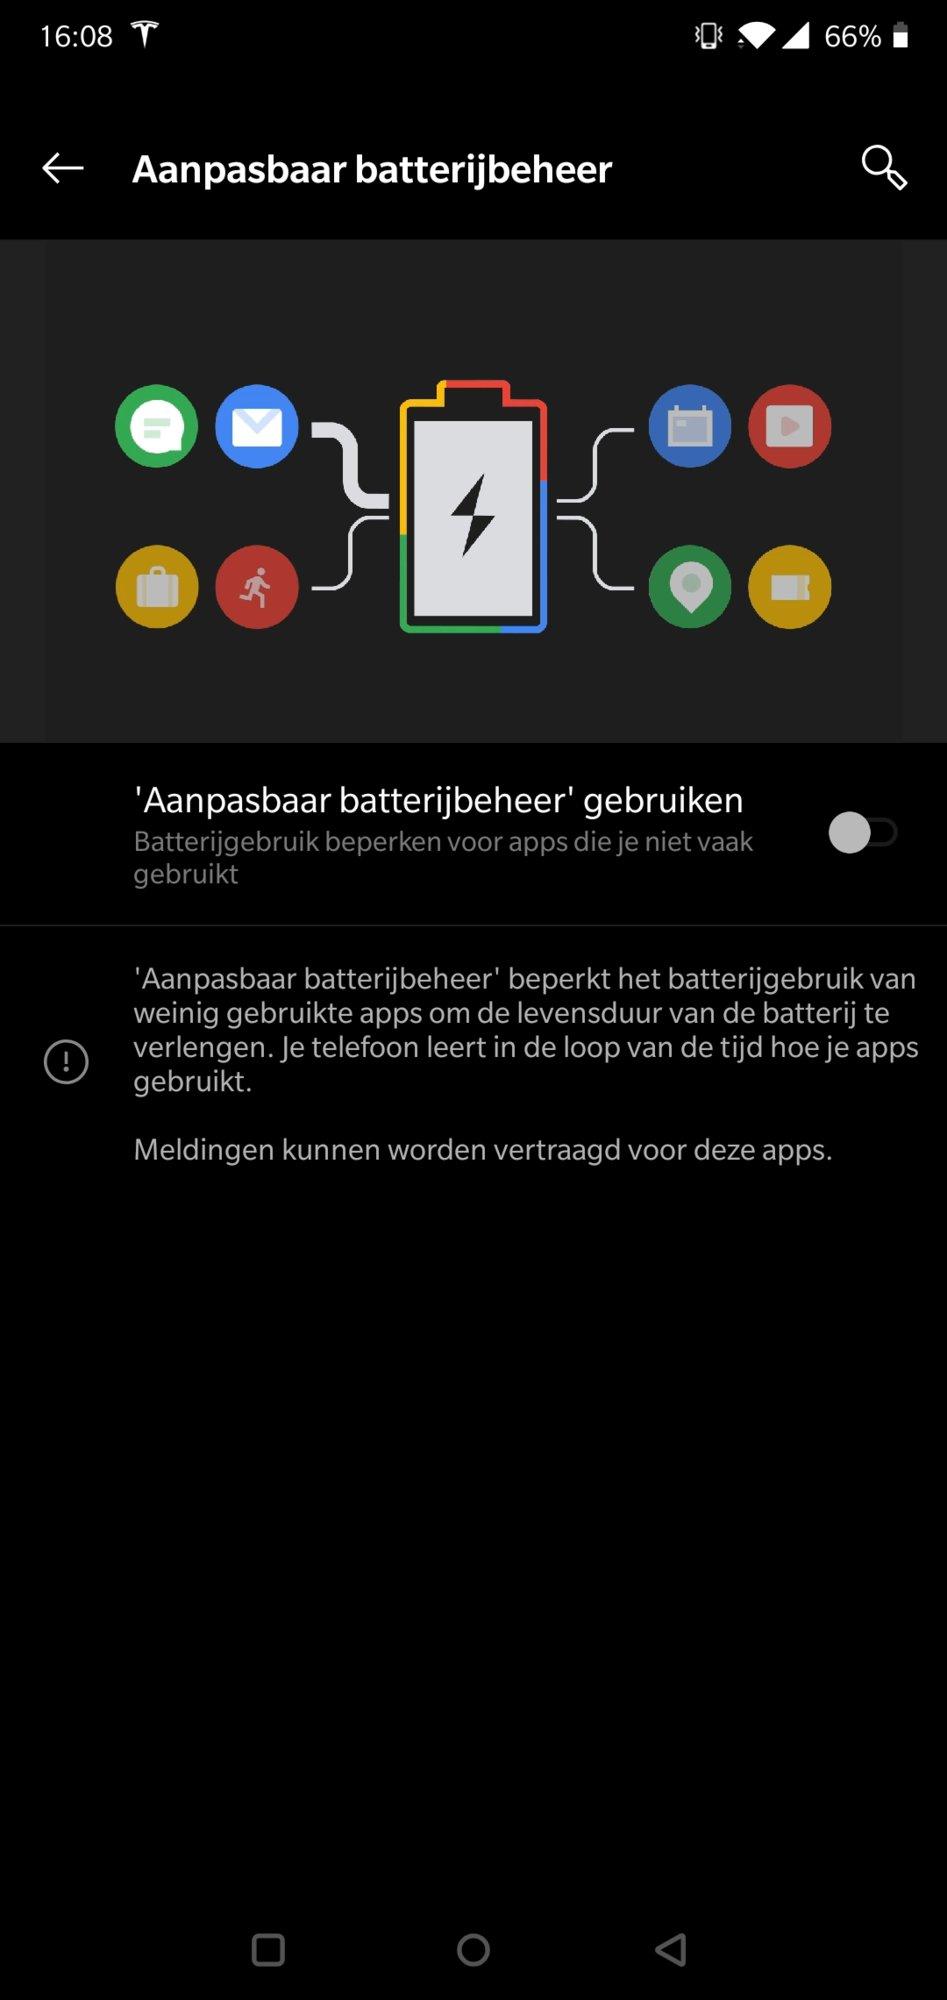 Screenshot_20190730-160844.jpg